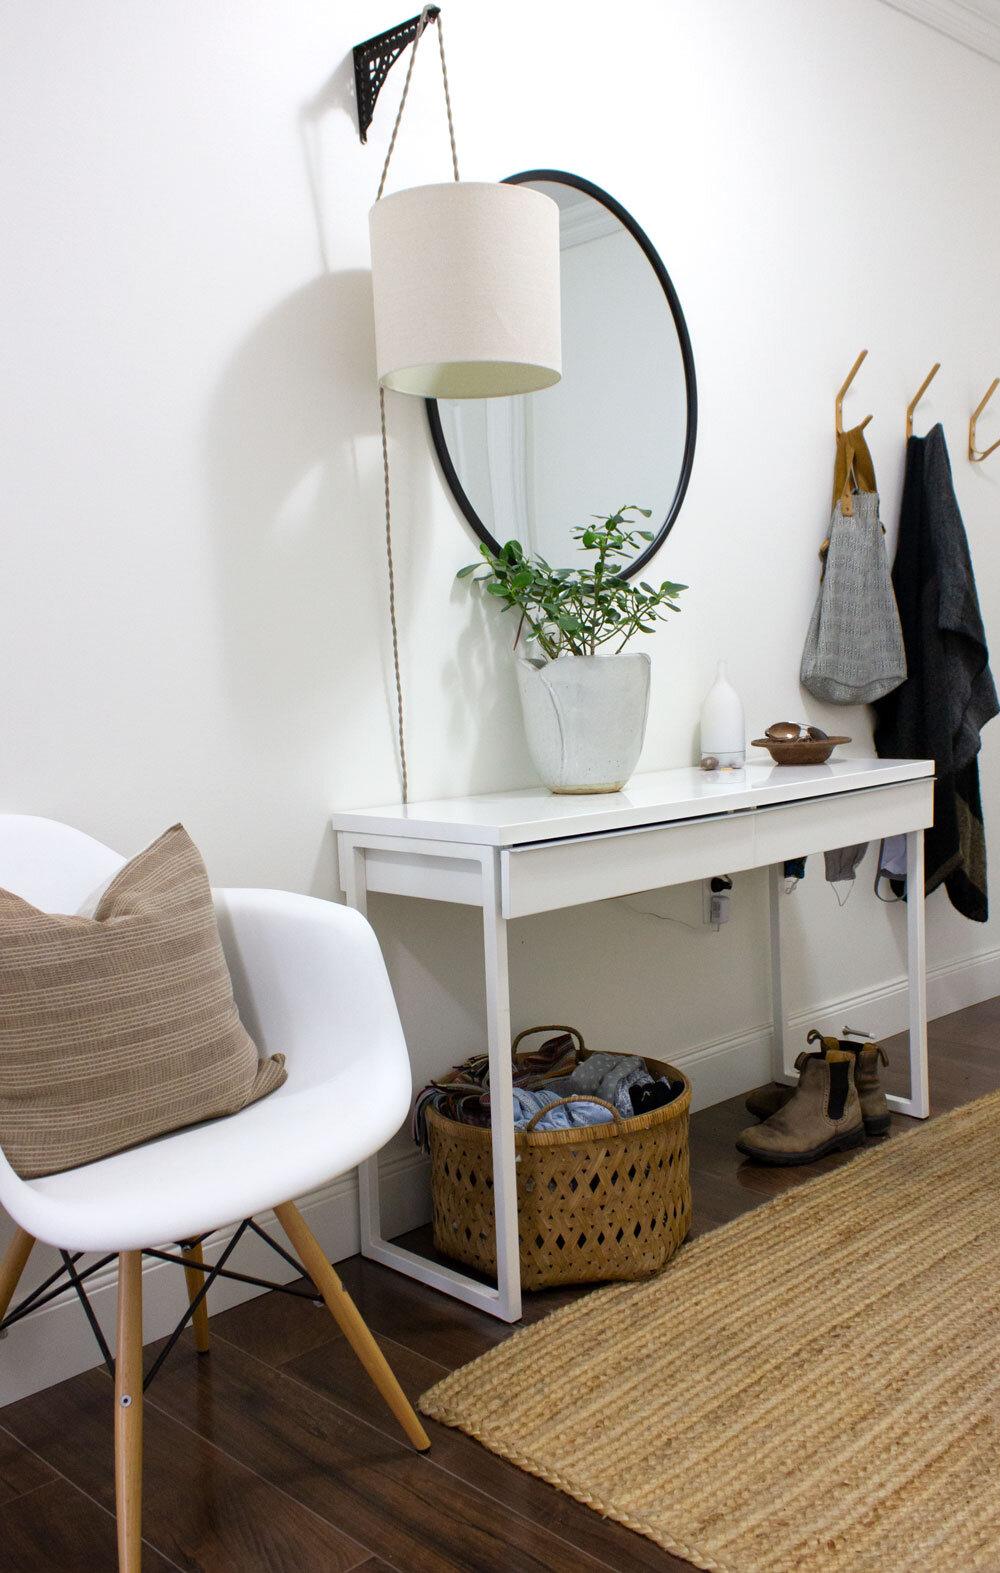 简单的设计技巧,营造温馨舒适的家